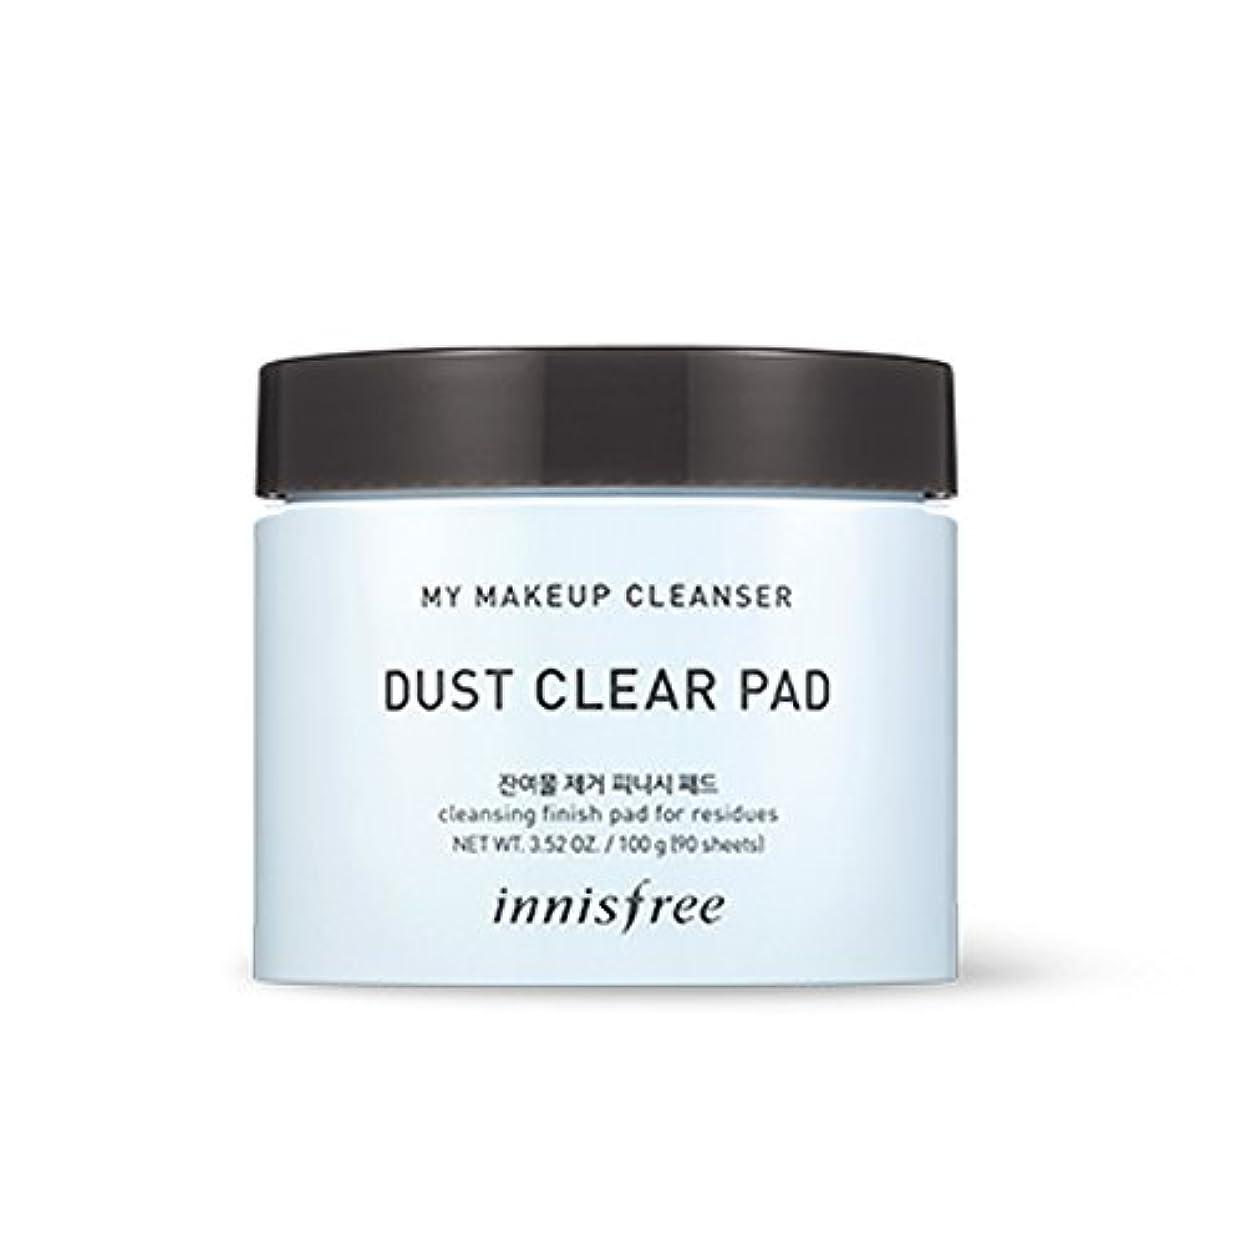 当社じゃがいもビリーイニスフリーマイメイクアップクレンザー - ダストクリアパッド90ea x 1個 Innisfree My Makeup Cleanser - Dust Clear Pad 90ea x 1pcs [海外直送品][並行輸入品]